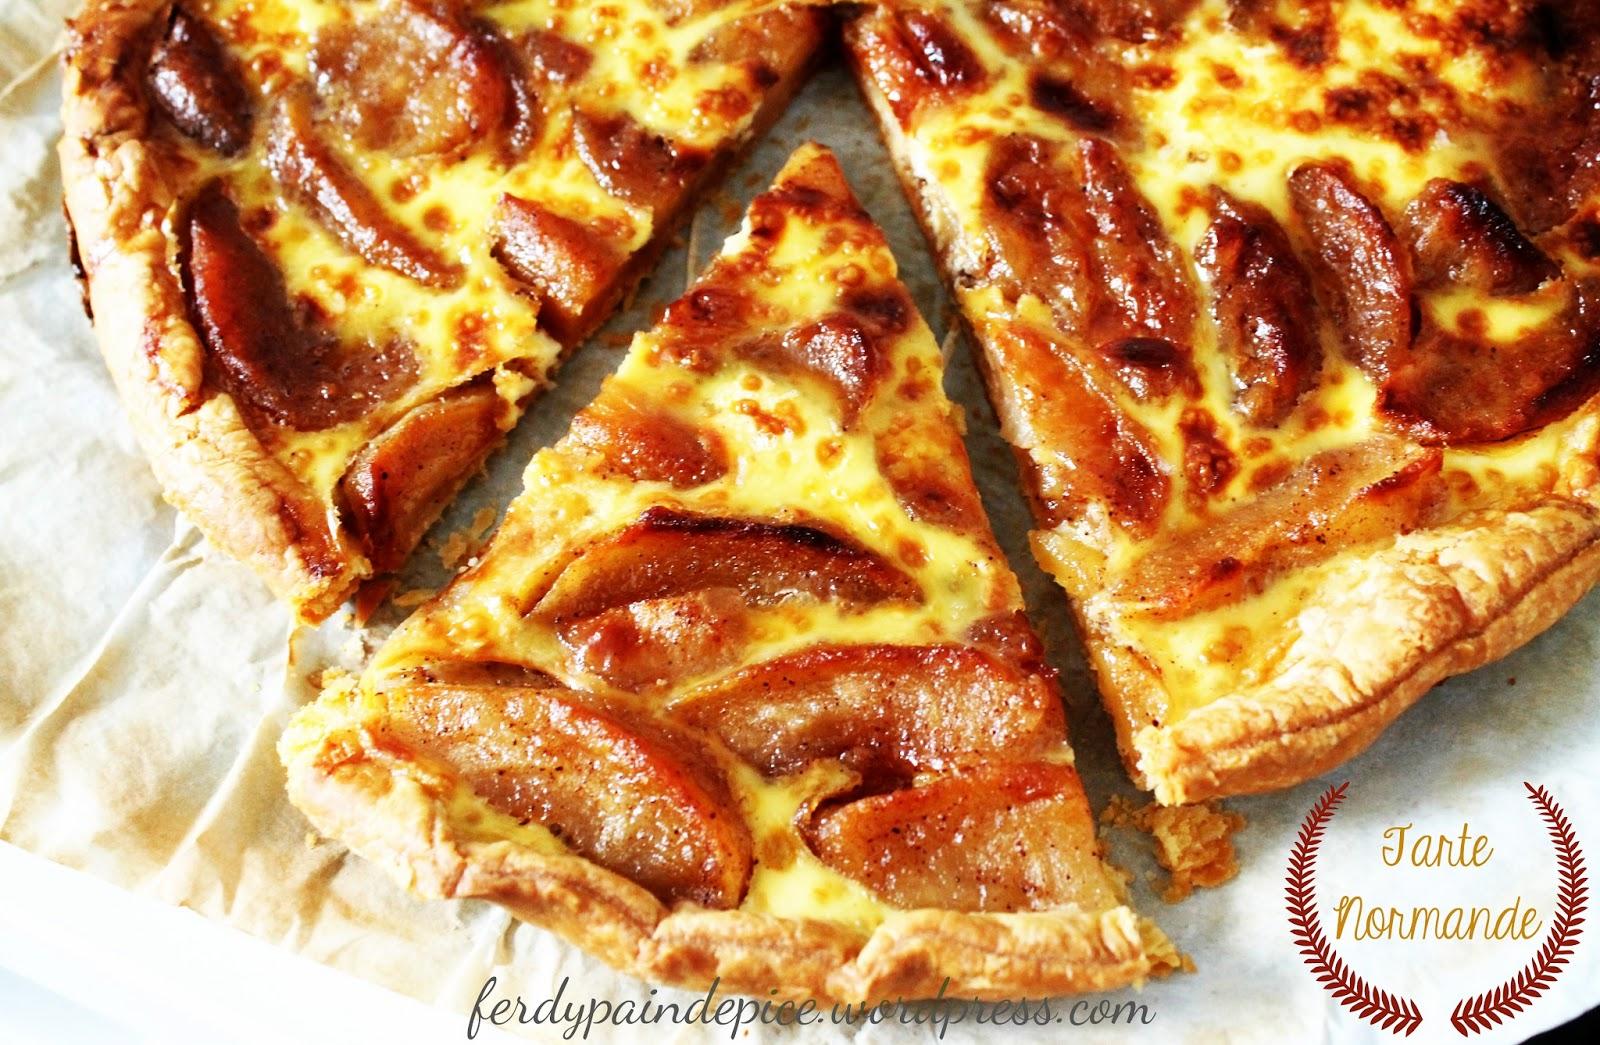 Le blog culinaire d 39 une d butante tarte normande for Specialite normande cuisine